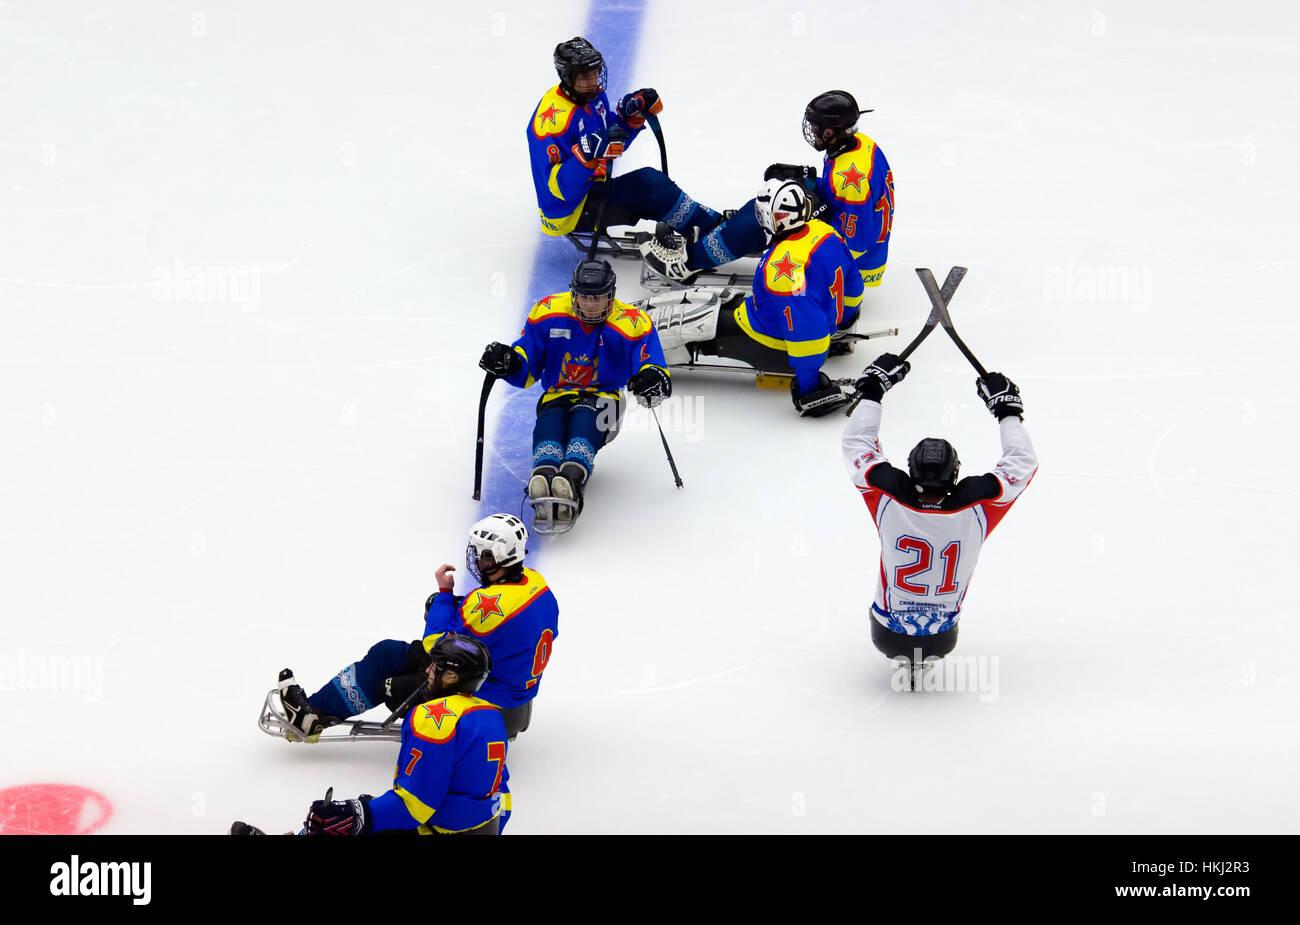 PODOLSK, Rusia - Enero 14, 2017: los jugadores no identificados de Ladoga (azul) y Zvezda (blanco) el equipo de sledge hockey durante juego Vityaz vs AKBars campeonato KHL en Rusia el 14 de enero, 2017 Foto de stock